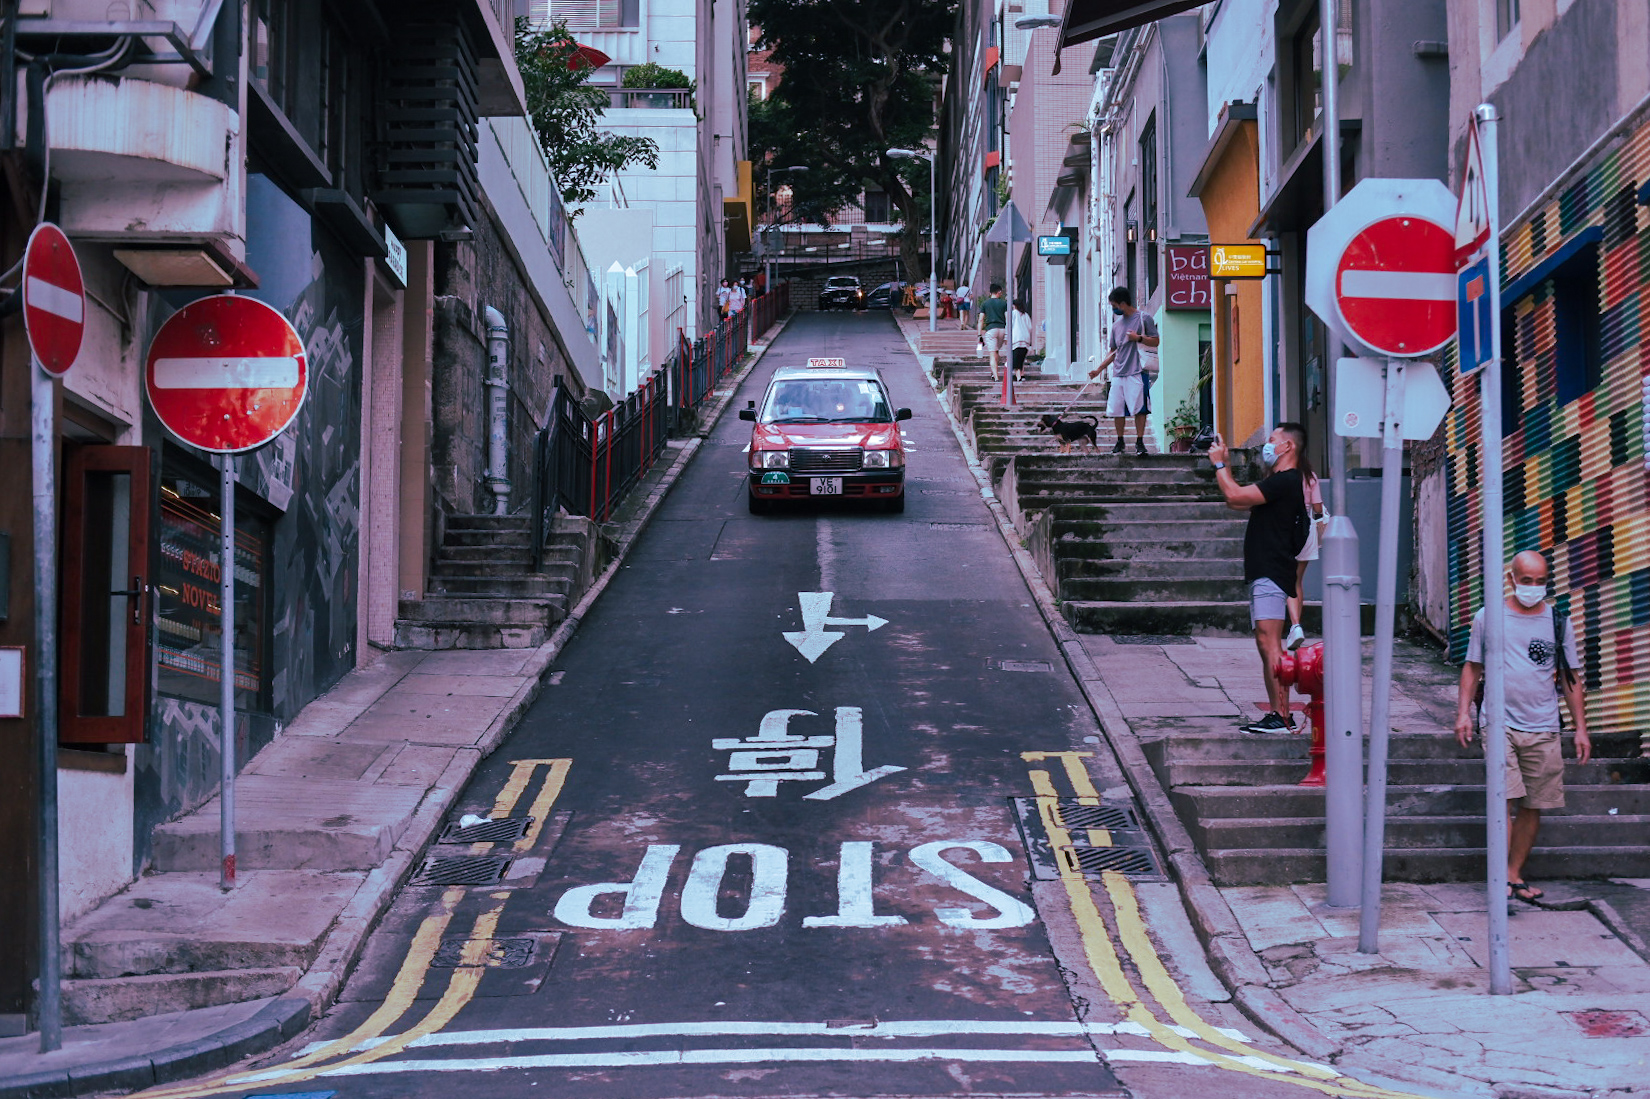 Taxi moving down a narrow steep lane in Hong Kong